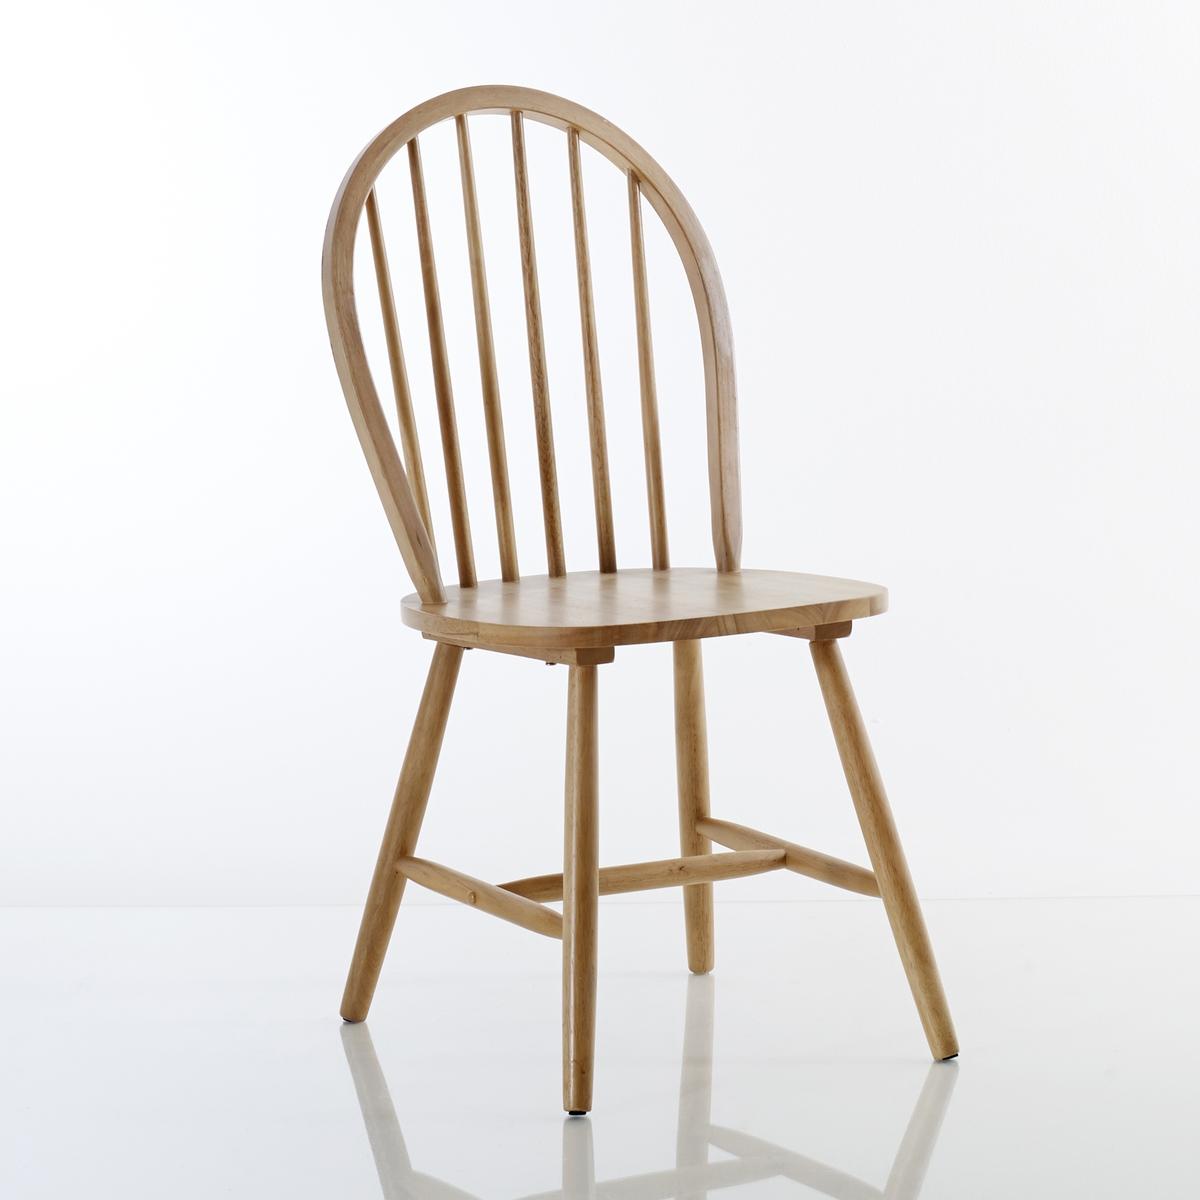 2 cтула с перекладинами из массива бука, WINDSORСтул Windsor в стиле кантри фолк (стиль английской деревни).Описание стульев Windsor :Спинка с перекладинами.Цельное сиденье .Для оптимального качества и устойчивости рекомендуется надежно затянуть болты. Характеристики стульев Windsor :Из натурального массива бука с НЦ-лакировкой.Размеры стула Windsor :Ширина : 45,8 см Высота : 94 см.Глубина : 50,9 см .Сиденье : 44,5 x 45 x 42,8 см .Размеры и вес упаковки:2 стула в 1 коробке  59 x 50 x 45 см 12,7 кг.Доставка :Стулья Windsor продаются готовыми к сборке. Возможна доставка до квартиры по предварительному согласованию !Внимание   ! Убедитесь в том, что товар возможно доставить на дом, учитывая его габариты(проходит в двери, по лестницам, в лифты).<br><br>Цвет: бирюзовый,серо-бежевый,черный<br>Размер: единый размер